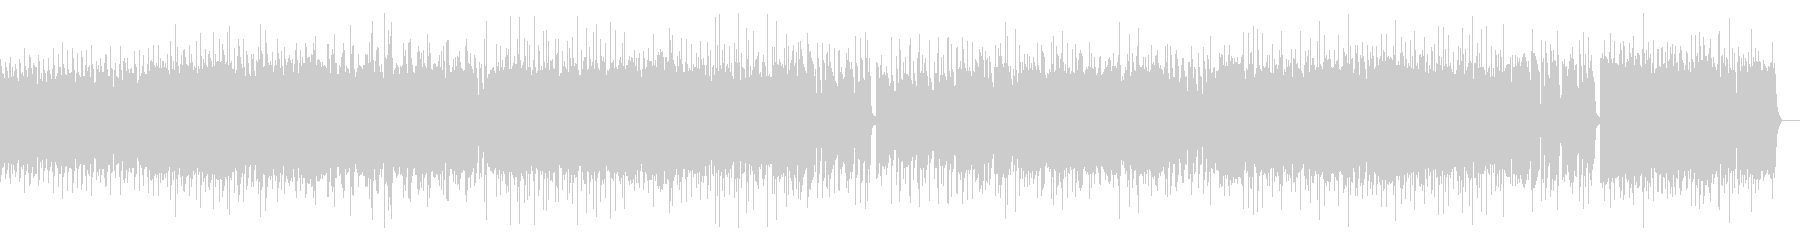 激しいポップパンク(ギターソロ抜き)の未再生の波形